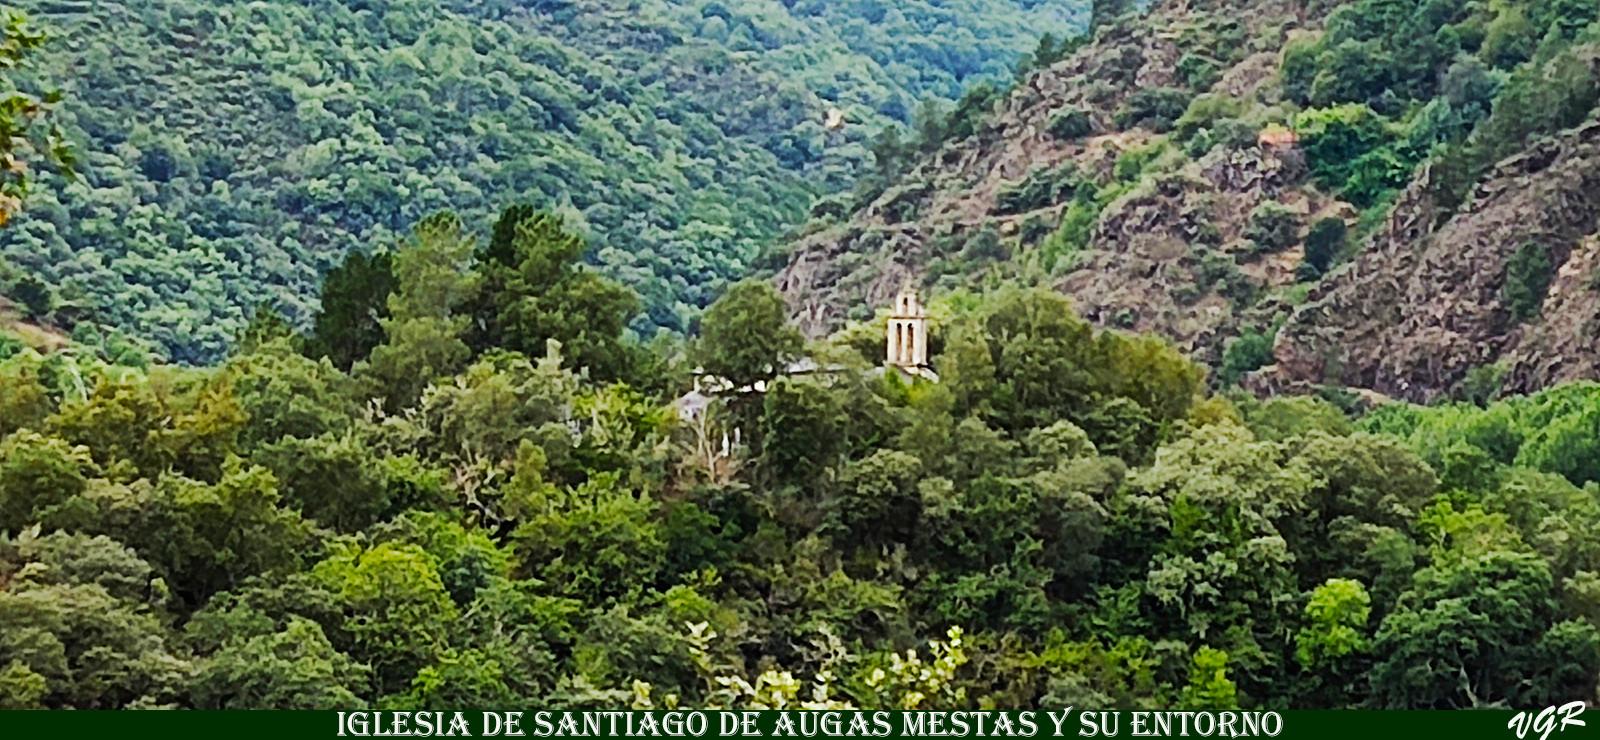 11-Iglesia de Santiago de Augas Mestas-WEB.jpg